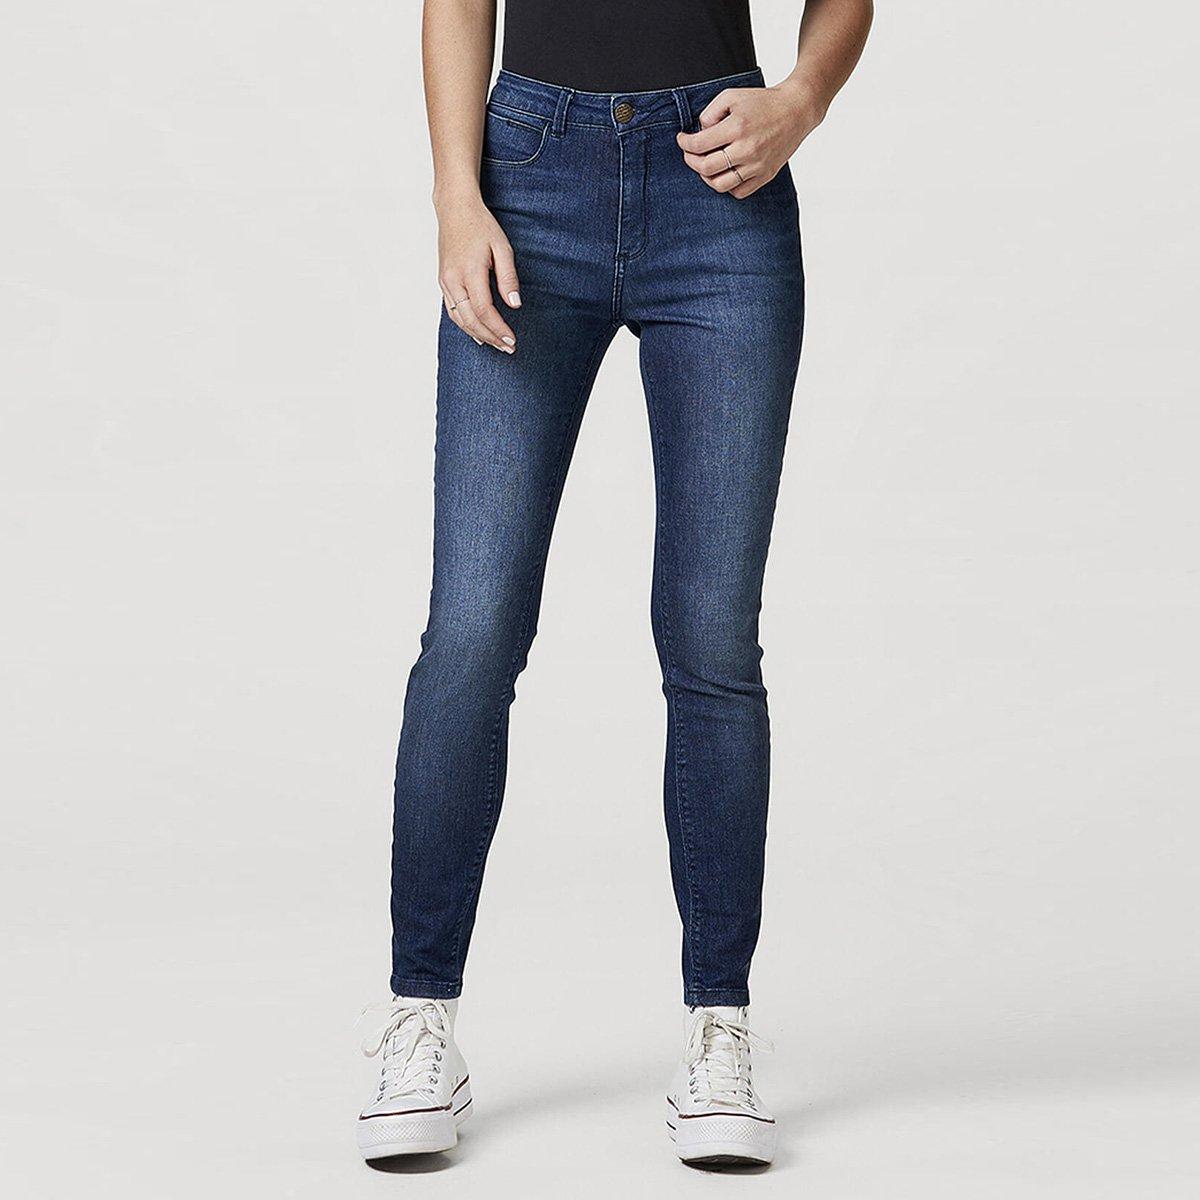 Calça Jeans Skinny Hering Feminina